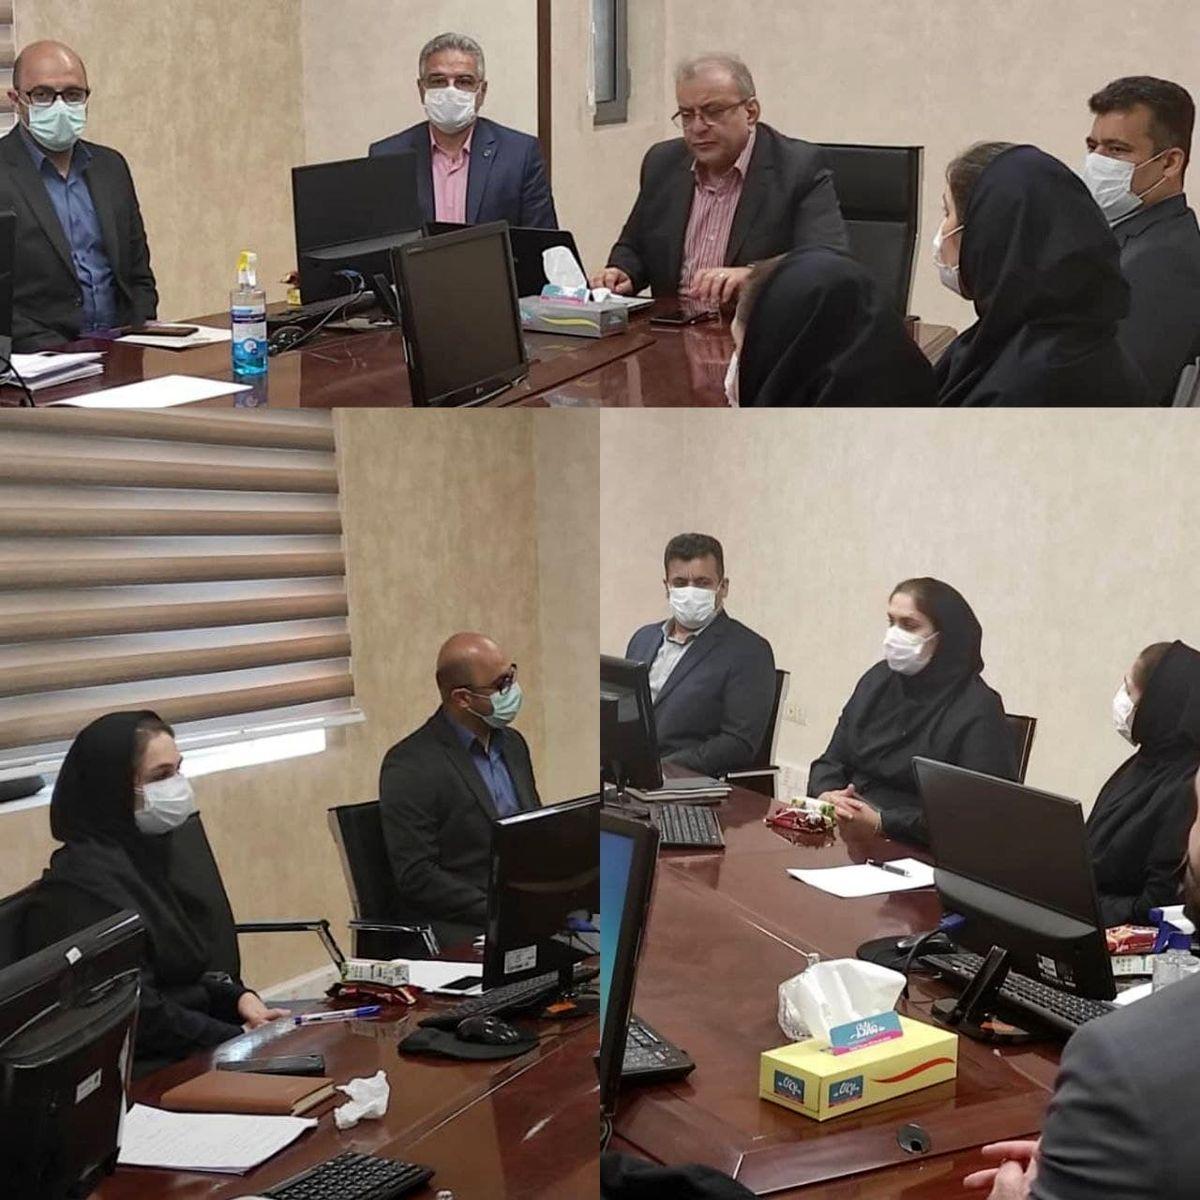 برگزاری دوره های بازآموزی گارگاه اعتبار اسنادی داخلی در بانک ایران زمین